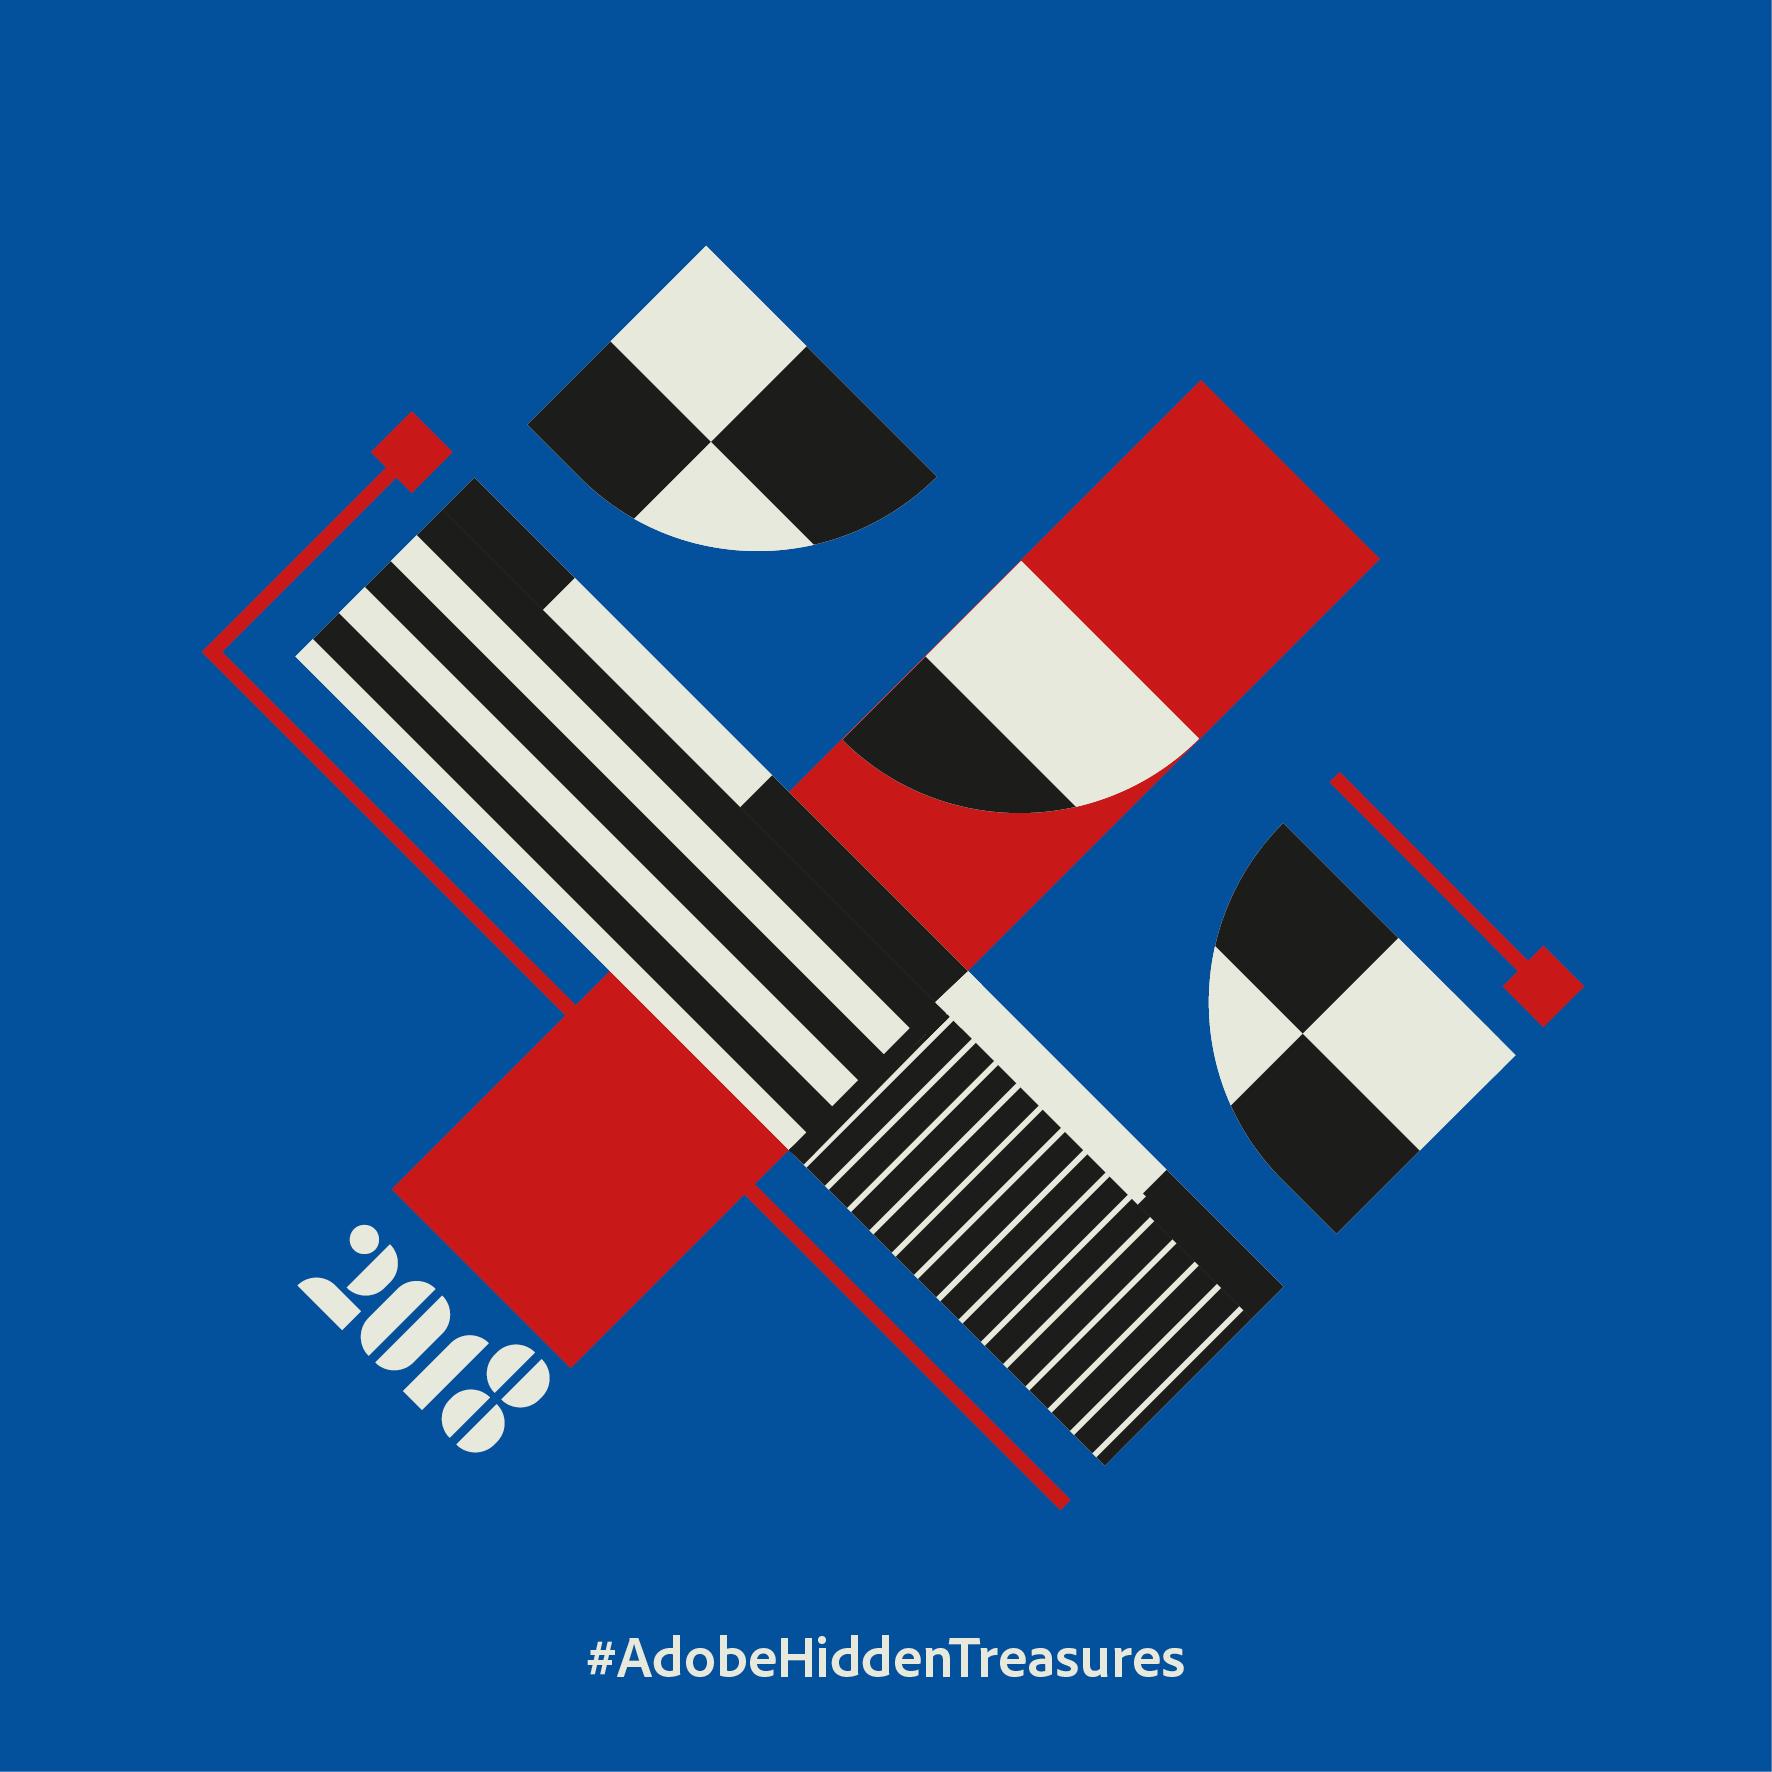 B2_Adobe-HiddenTreasures-Palma-Typejockeys-IngoEichel.png